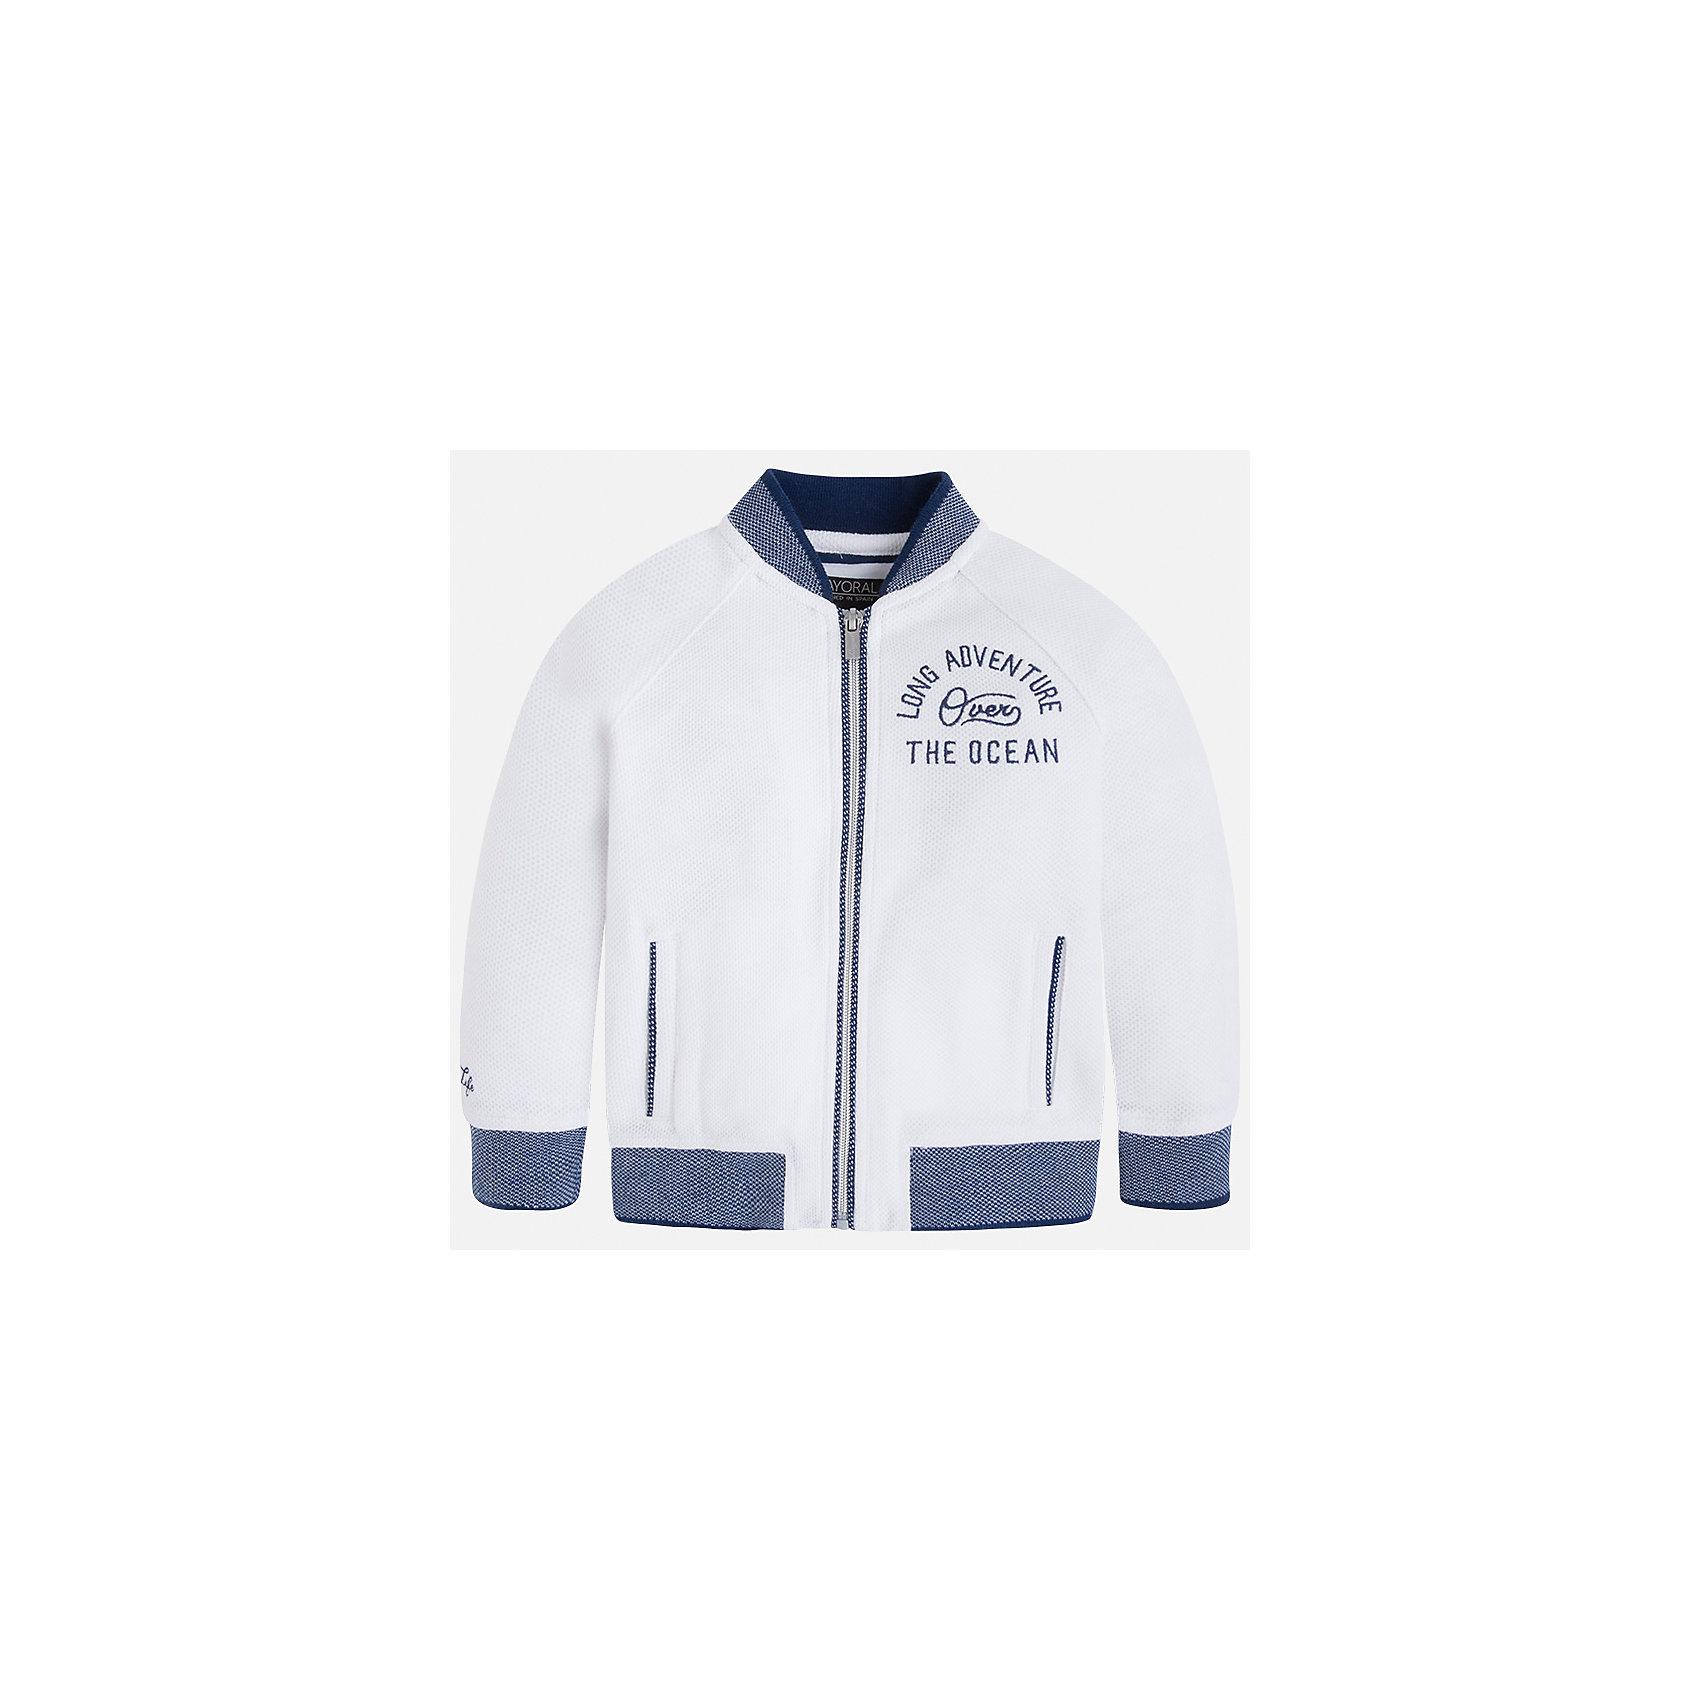 Куртка для мальчика MayoralХарактеристики товара:<br><br>• цвет: белый<br>• состав: 60% хлопок, 40% полиэстер<br>• рукава длинные <br>• карманы<br>• застежка: молния<br>• вышивка<br>• страна бренда: Испания<br><br>Теплая одежда может быть очень стильной! Удобная и красивая куртка для мальчика поможет разнообразить гардероб ребенка и обеспечить комфорт. Она отлично сочетается и с джинсами, и с брюками. Универсальный цвет позволяет подобрать к вещи низ различных расцветок. Интересная отделка модели делает её нарядной и оригинальной. В составе материала - натуральный хлопок, гипоаллергенный, приятный на ощупь, дышащий.<br><br>Одежда, обувь и аксессуары от испанского бренда Mayoral полюбились детям и взрослым по всему миру. Модели этой марки - стильные и удобные. Для их производства используются только безопасные, качественные материалы и фурнитура. Порадуйте ребенка модными и красивыми вещами от Mayoral! <br><br>Куртку для мальчика от испанского бренда Mayoral (Майорал) можно купить в нашем интернет-магазине.<br><br>Ширина мм: 356<br>Глубина мм: 10<br>Высота мм: 245<br>Вес г: 519<br>Цвет: белый<br>Возраст от месяцев: 96<br>Возраст до месяцев: 108<br>Пол: Мужской<br>Возраст: Детский<br>Размер: 134,128,122,110,104,98,92,116<br>SKU: 5280540